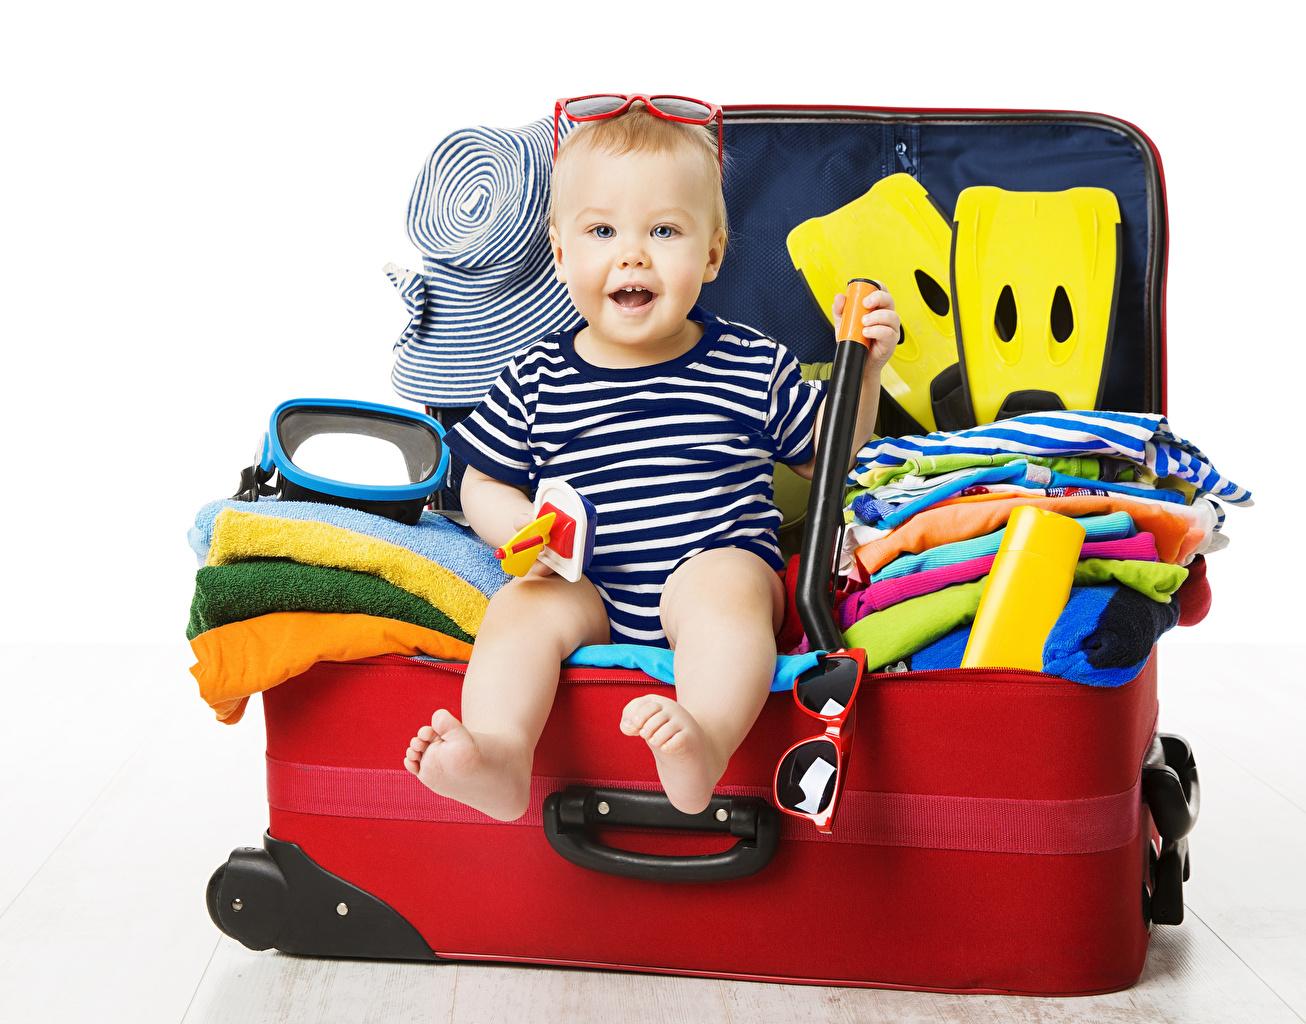 Фото Дети Туризм Чемодан Очки сидя белом фоне ребёнок чемоданы чемоданом очках очков Сидит сидящие Белый фон белым фоном